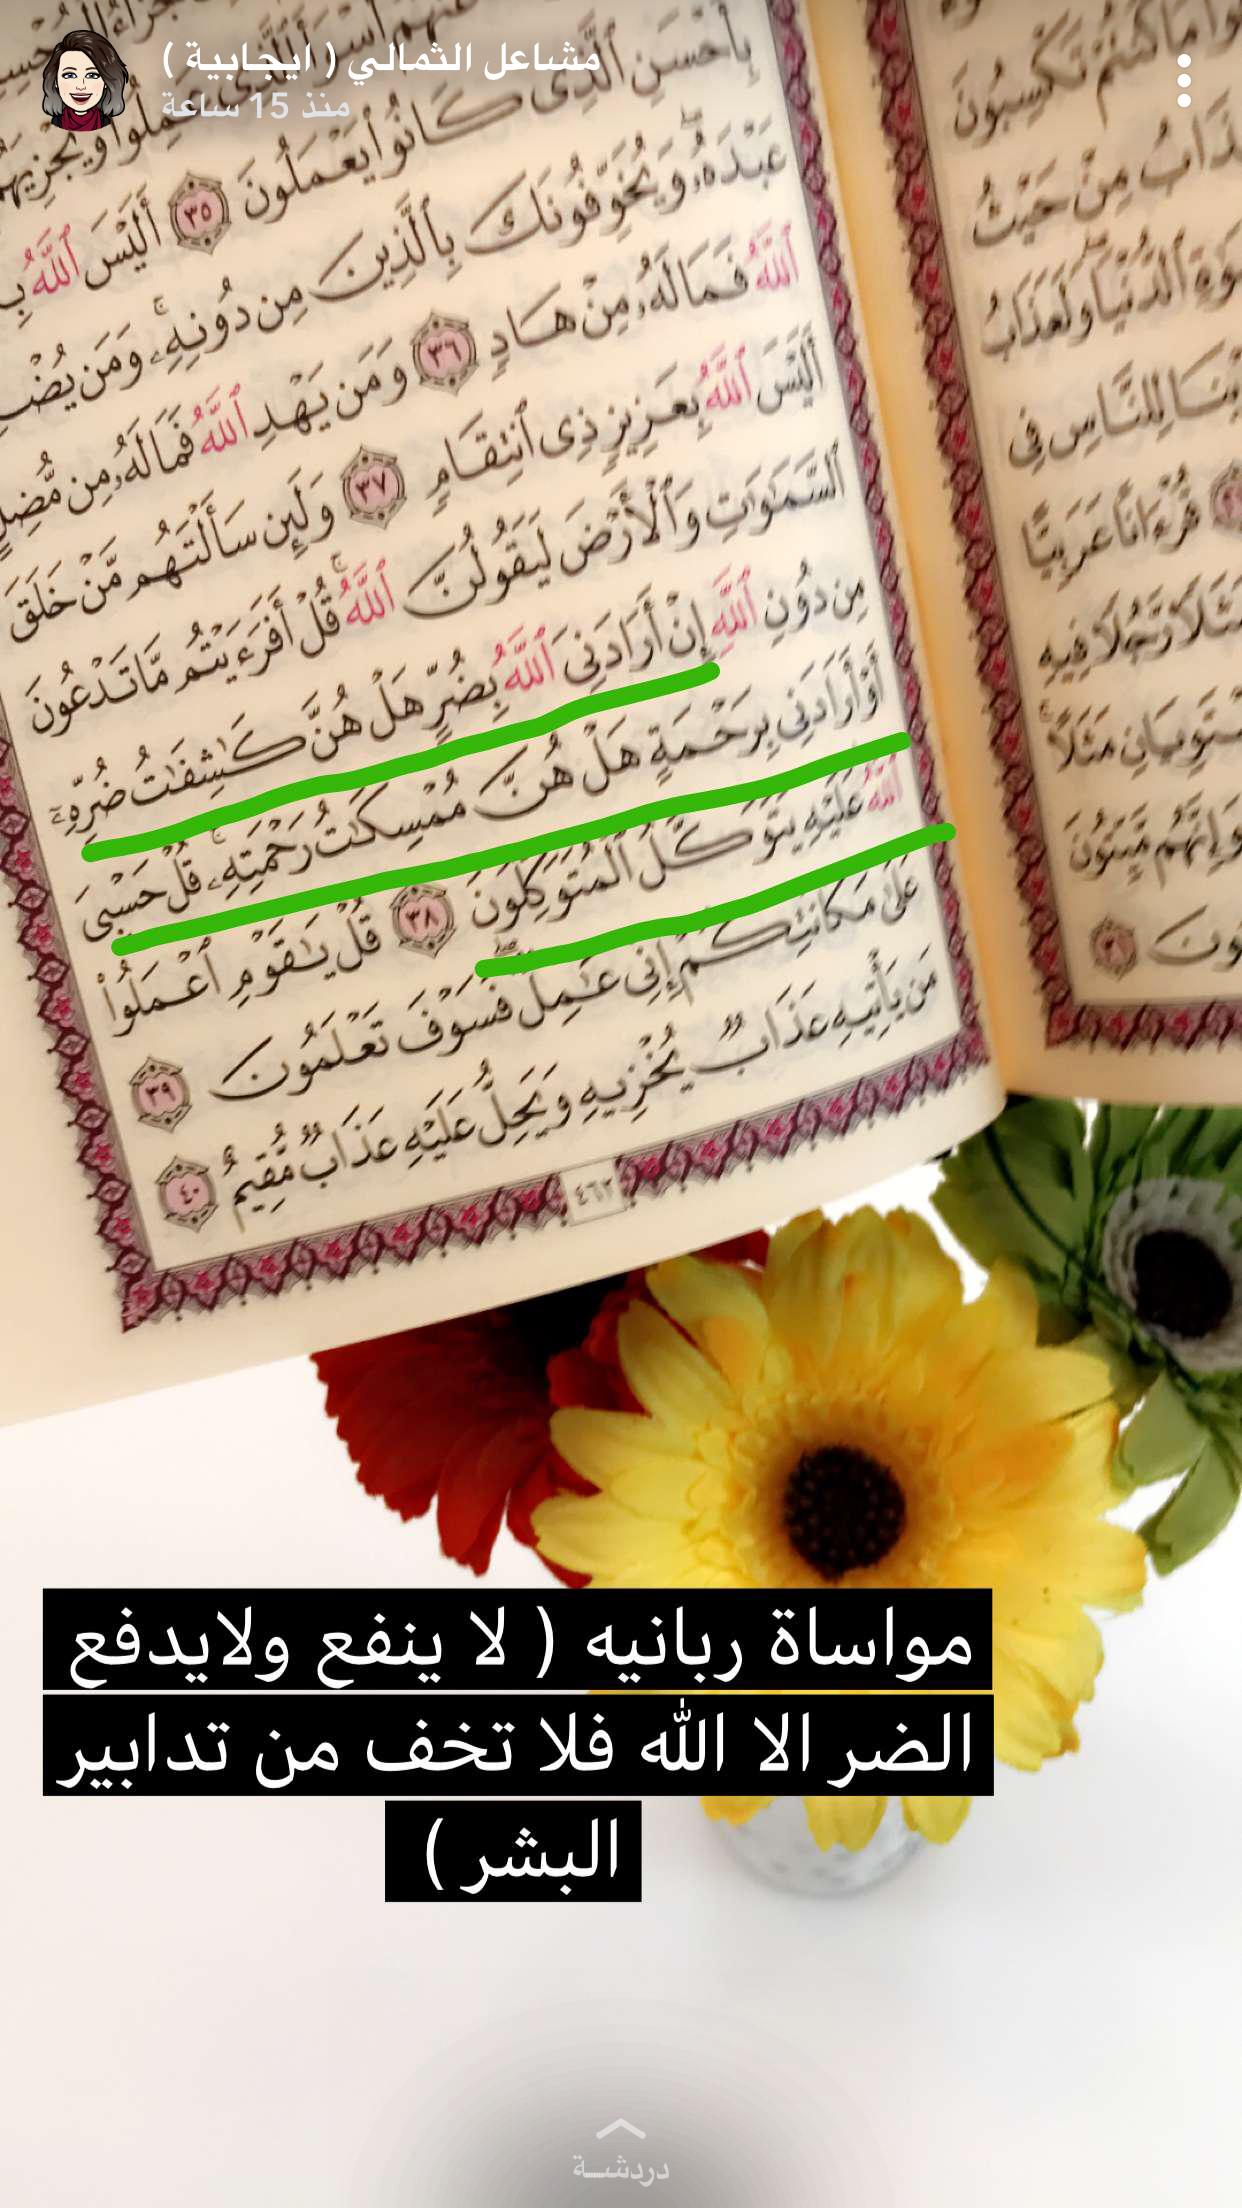 Pin By محبةالخير On بالقرآن نحيا Quran Verses Verses Quotes